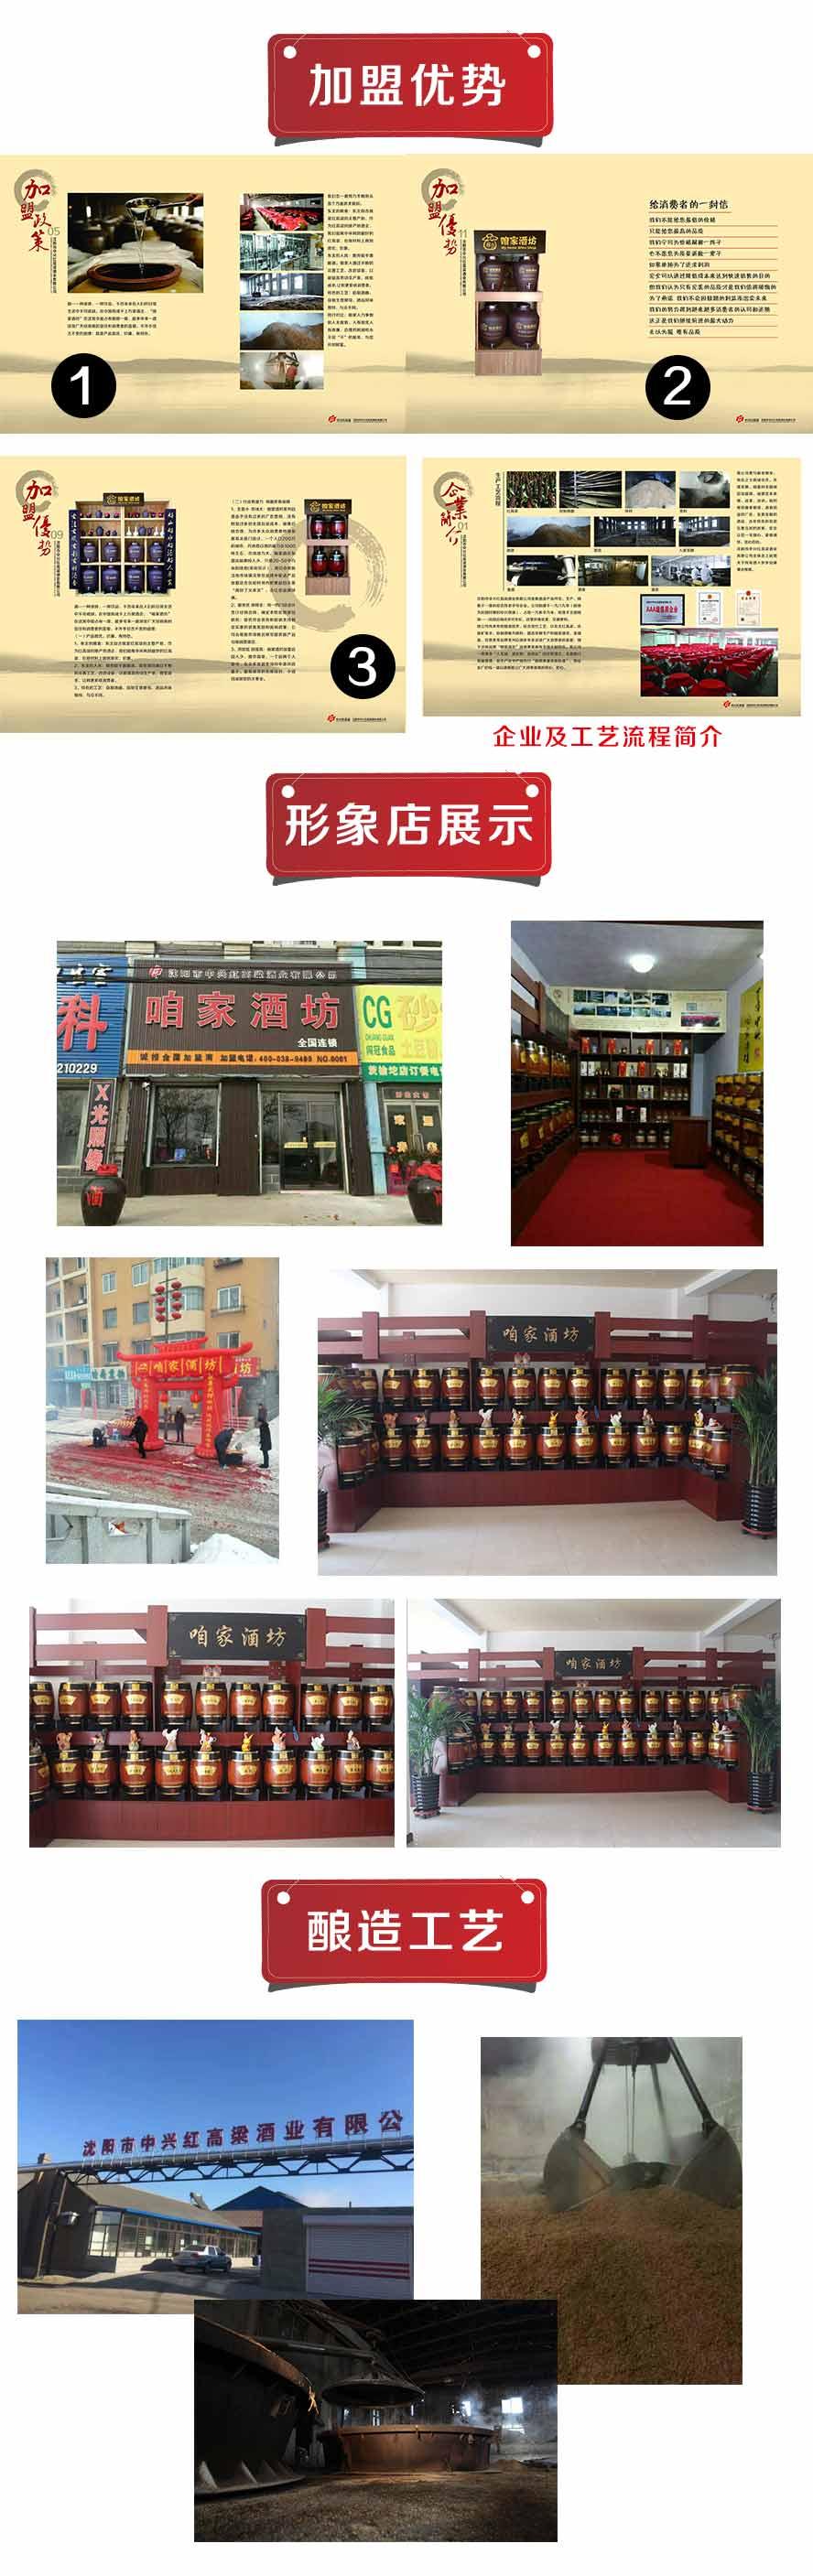 沈阳市中兴红高梁酒业有限公司